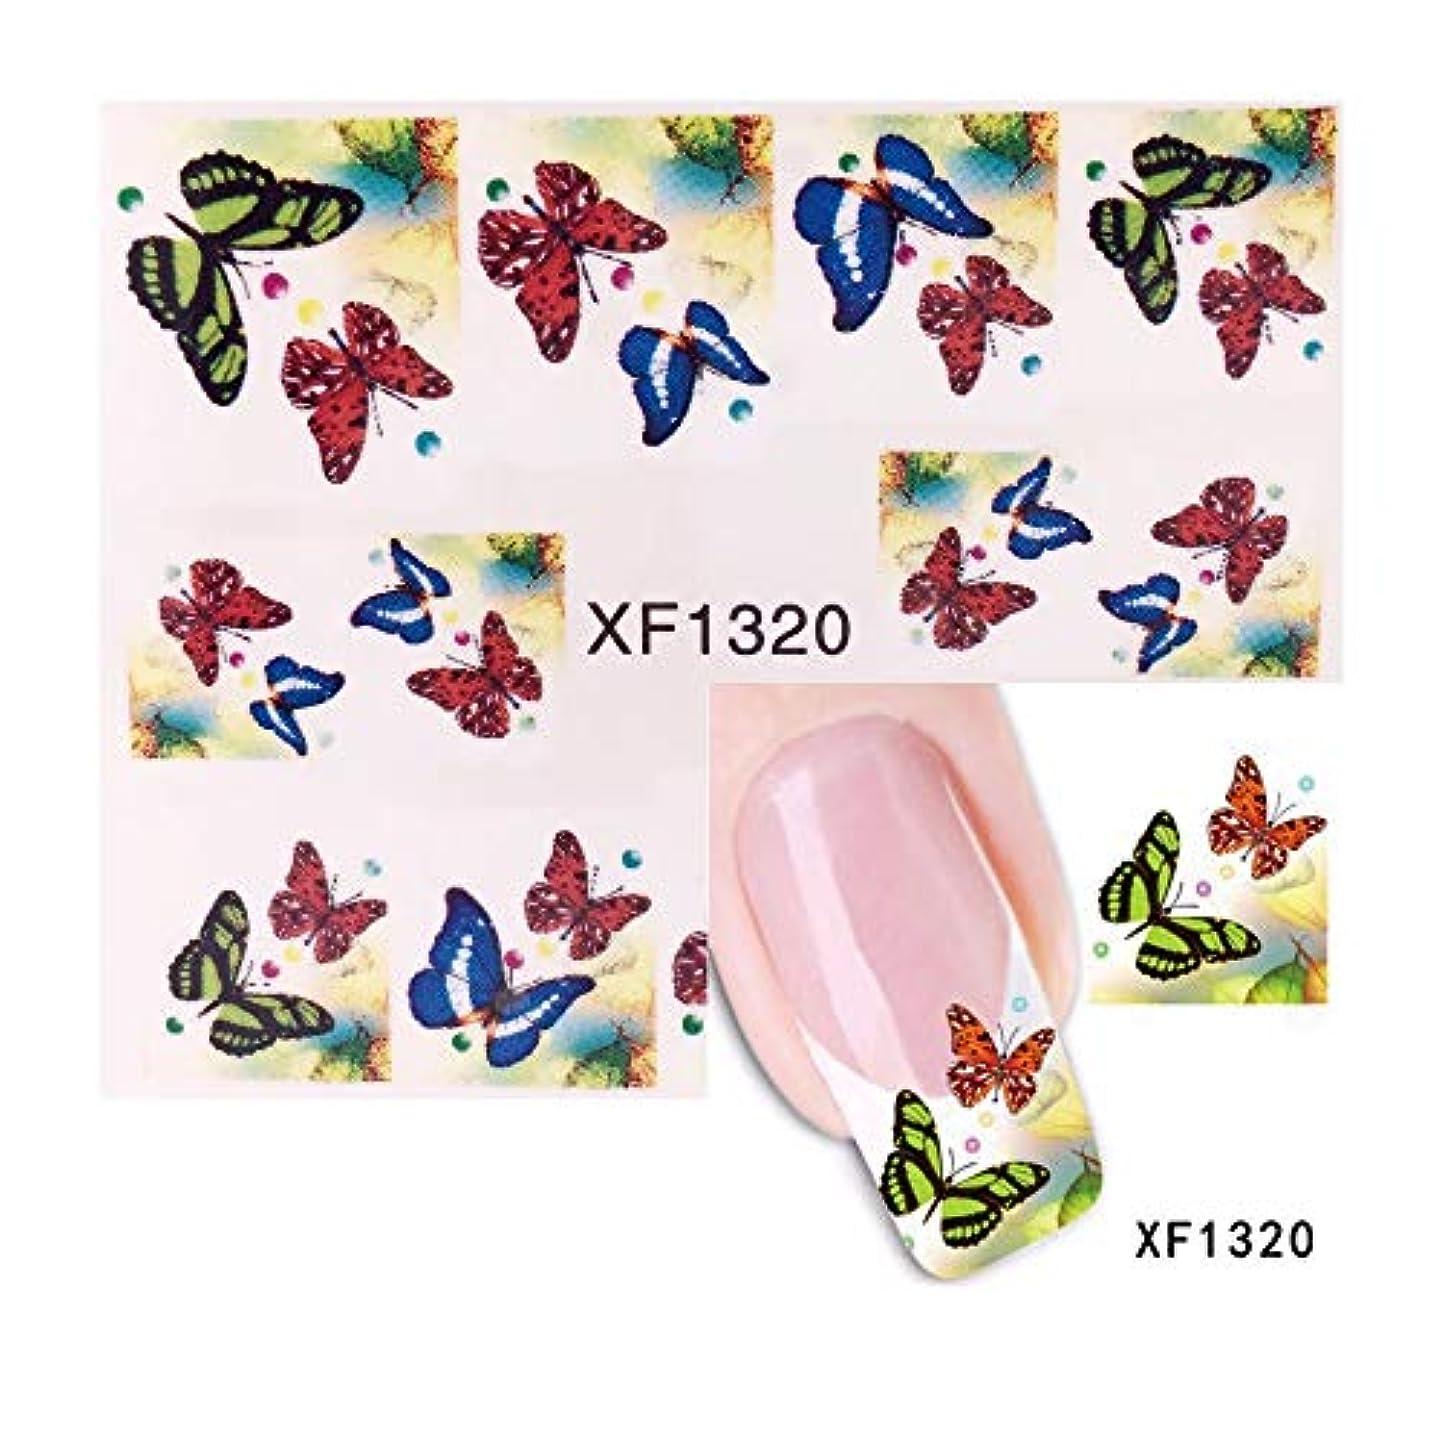 テザーしみカールSUKTI&XIAO ネイルステッカー 1枚の新しい水転写ネイルアートステッカーデカールDiy装飾用油絵